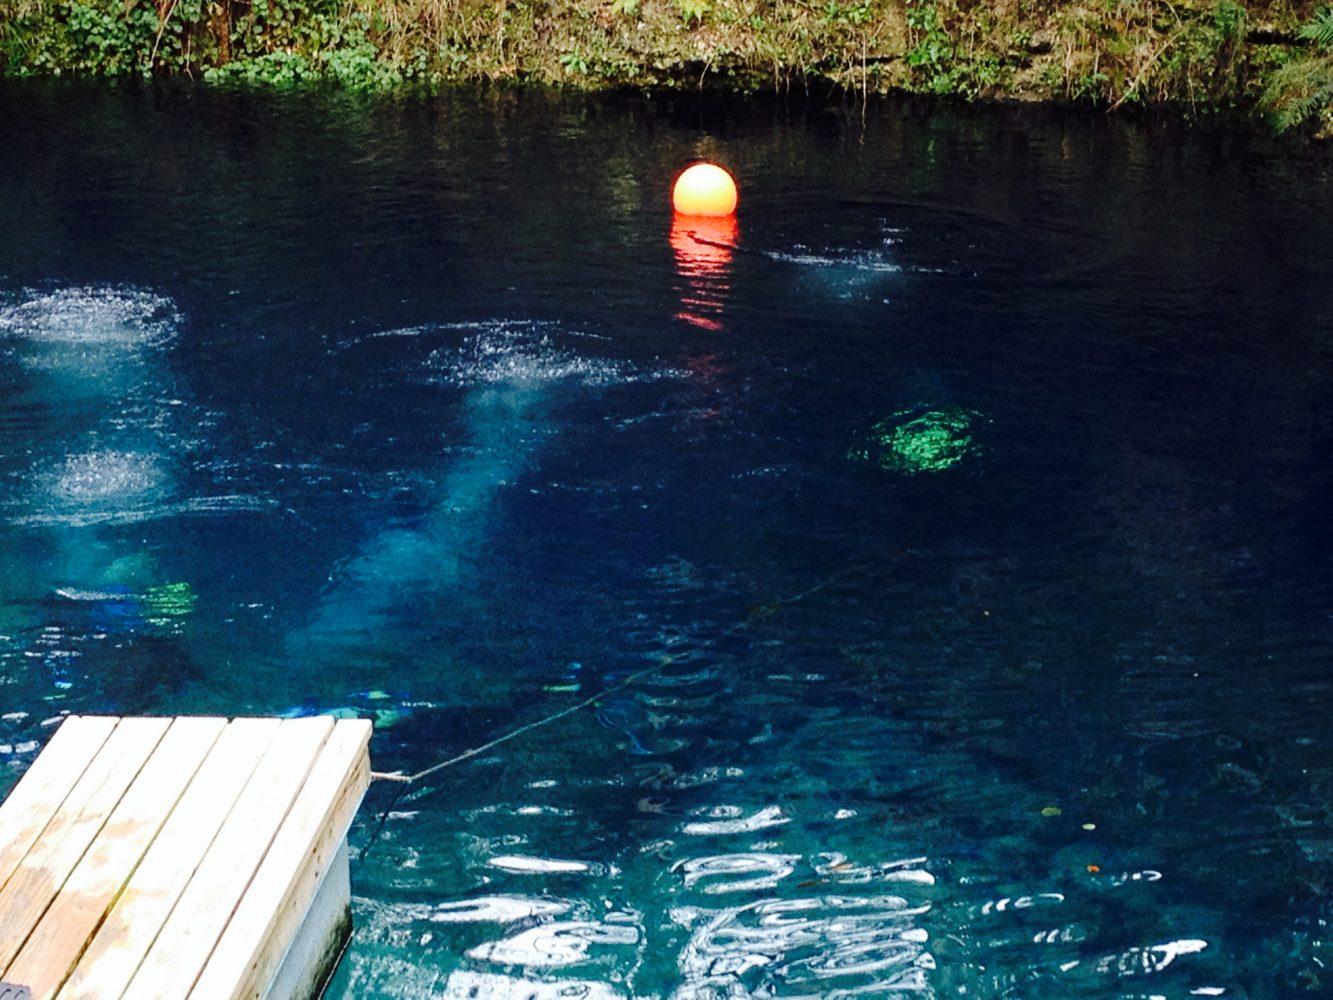 Cave Divers Defend Sport After Deaths At Eagle S Nest Sink